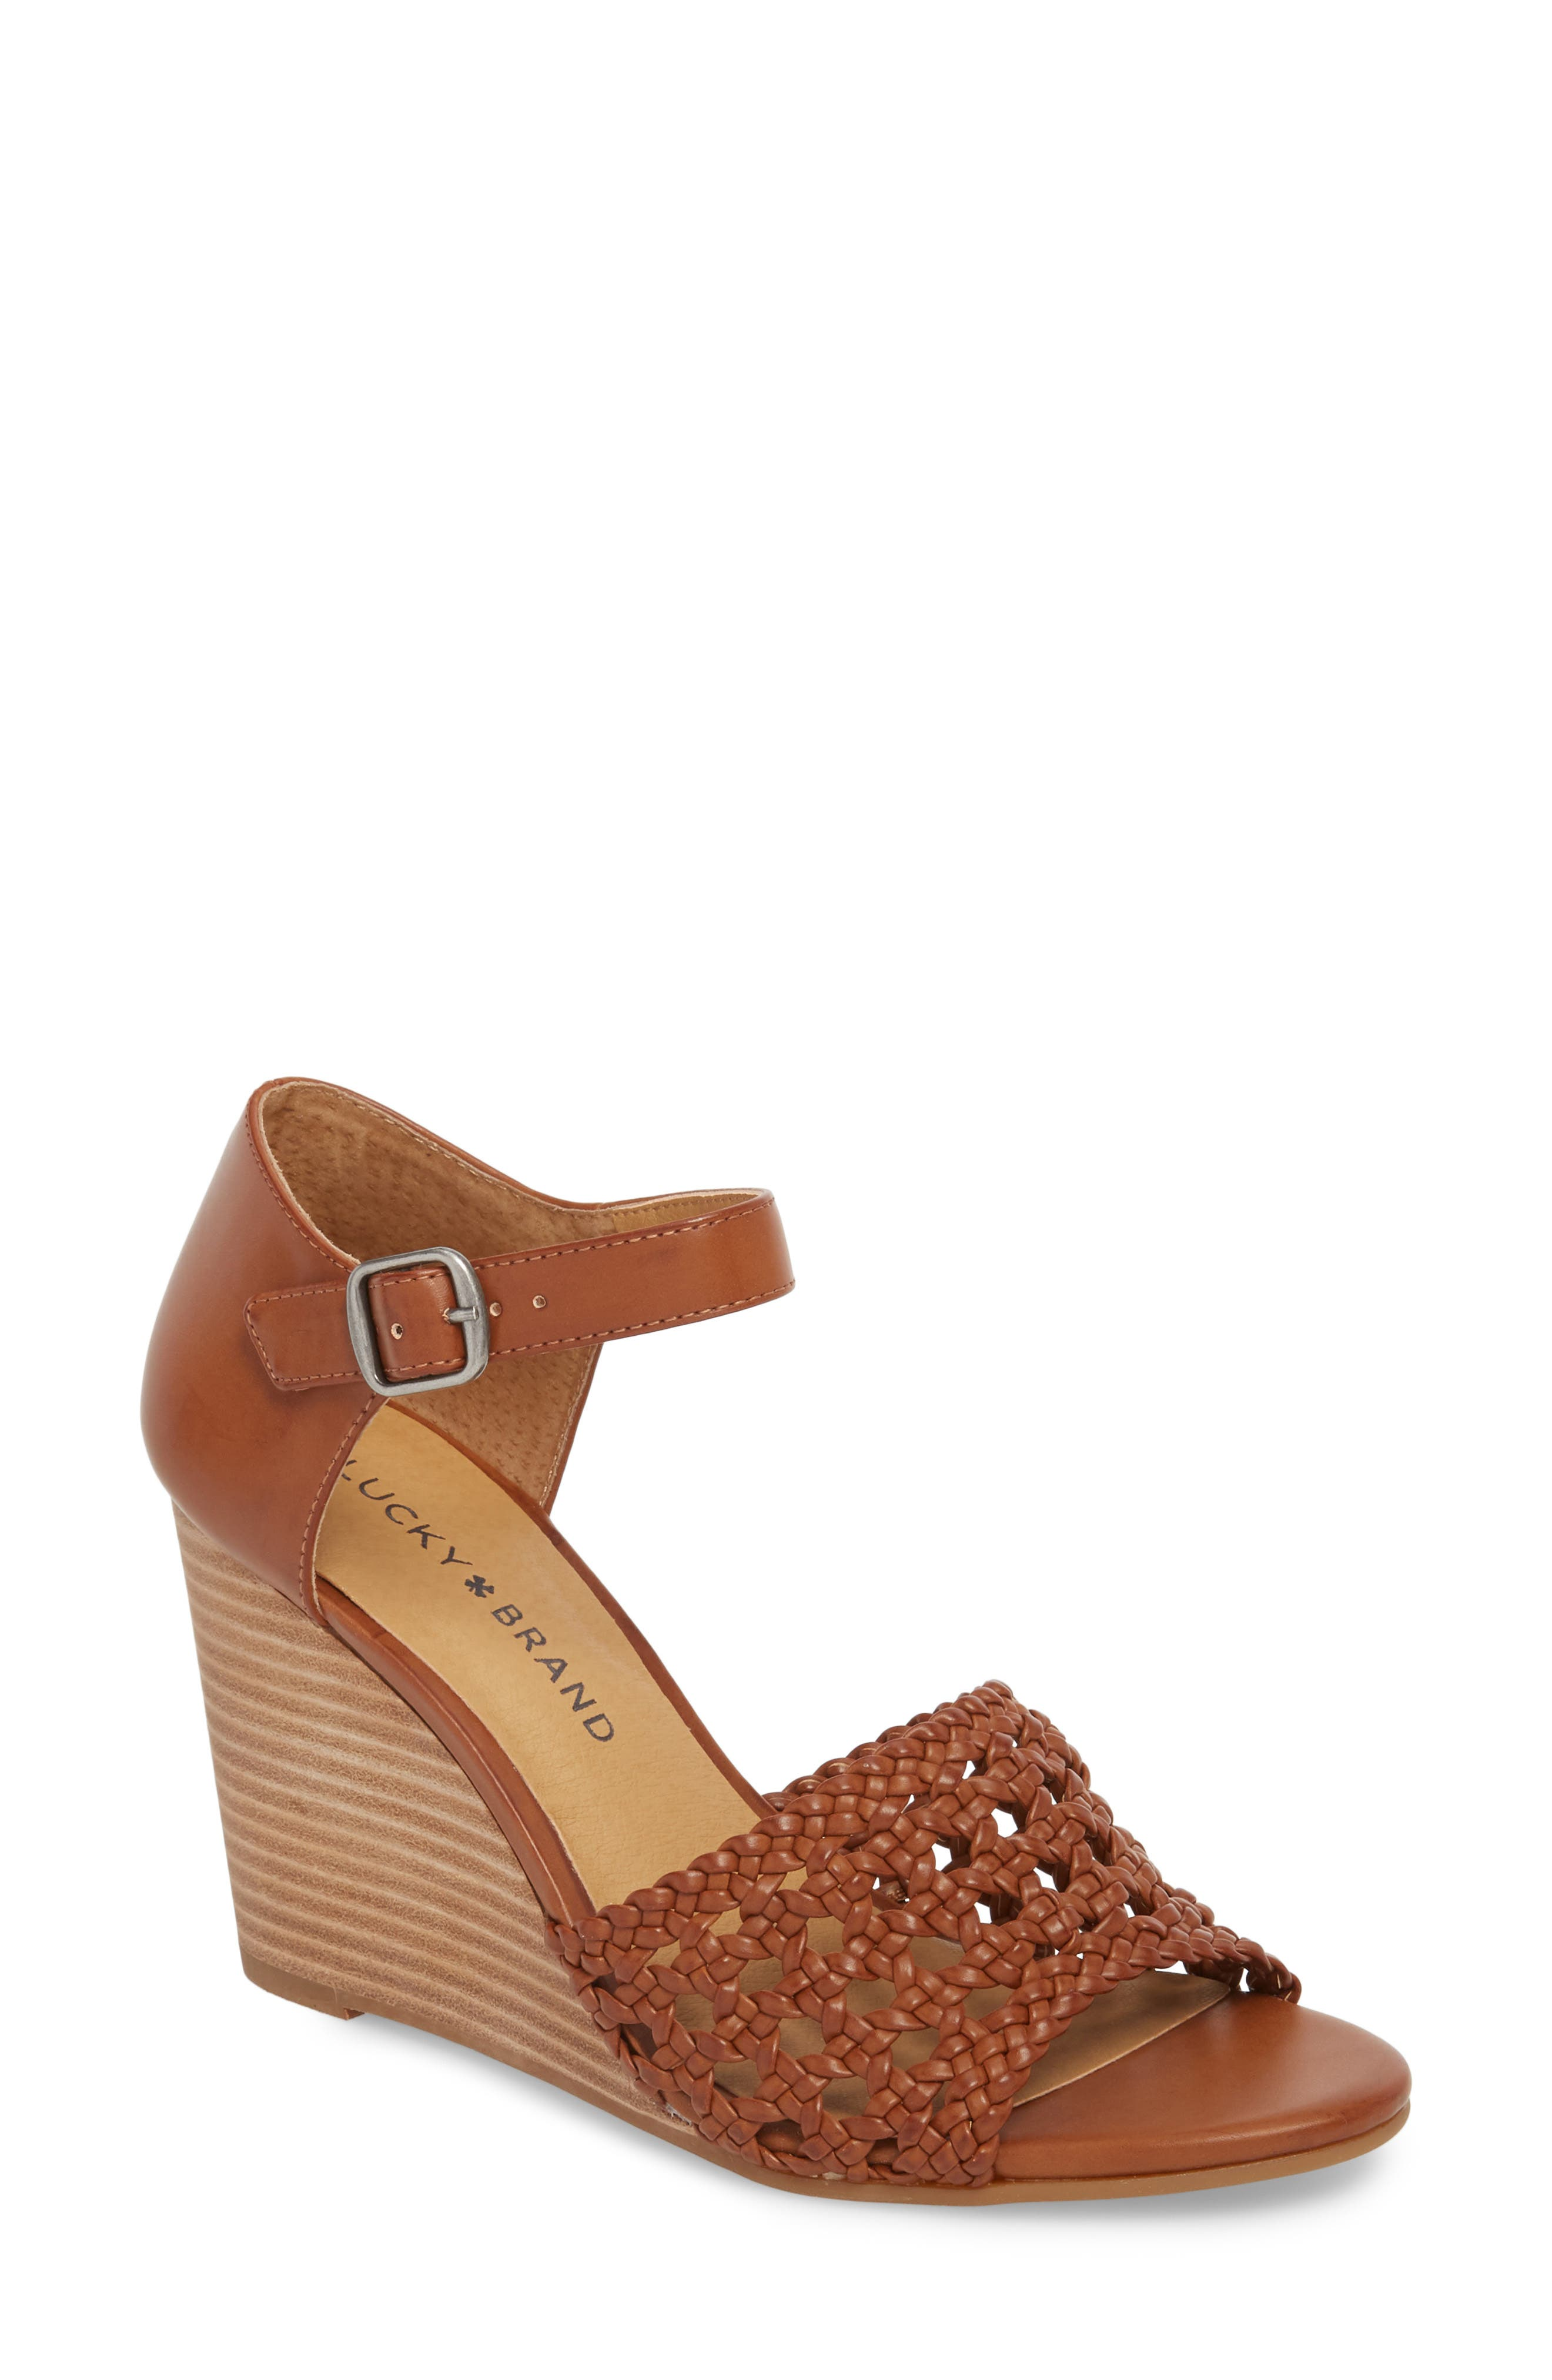 Rabekka Wedge Sandal,                             Main thumbnail 2, color,